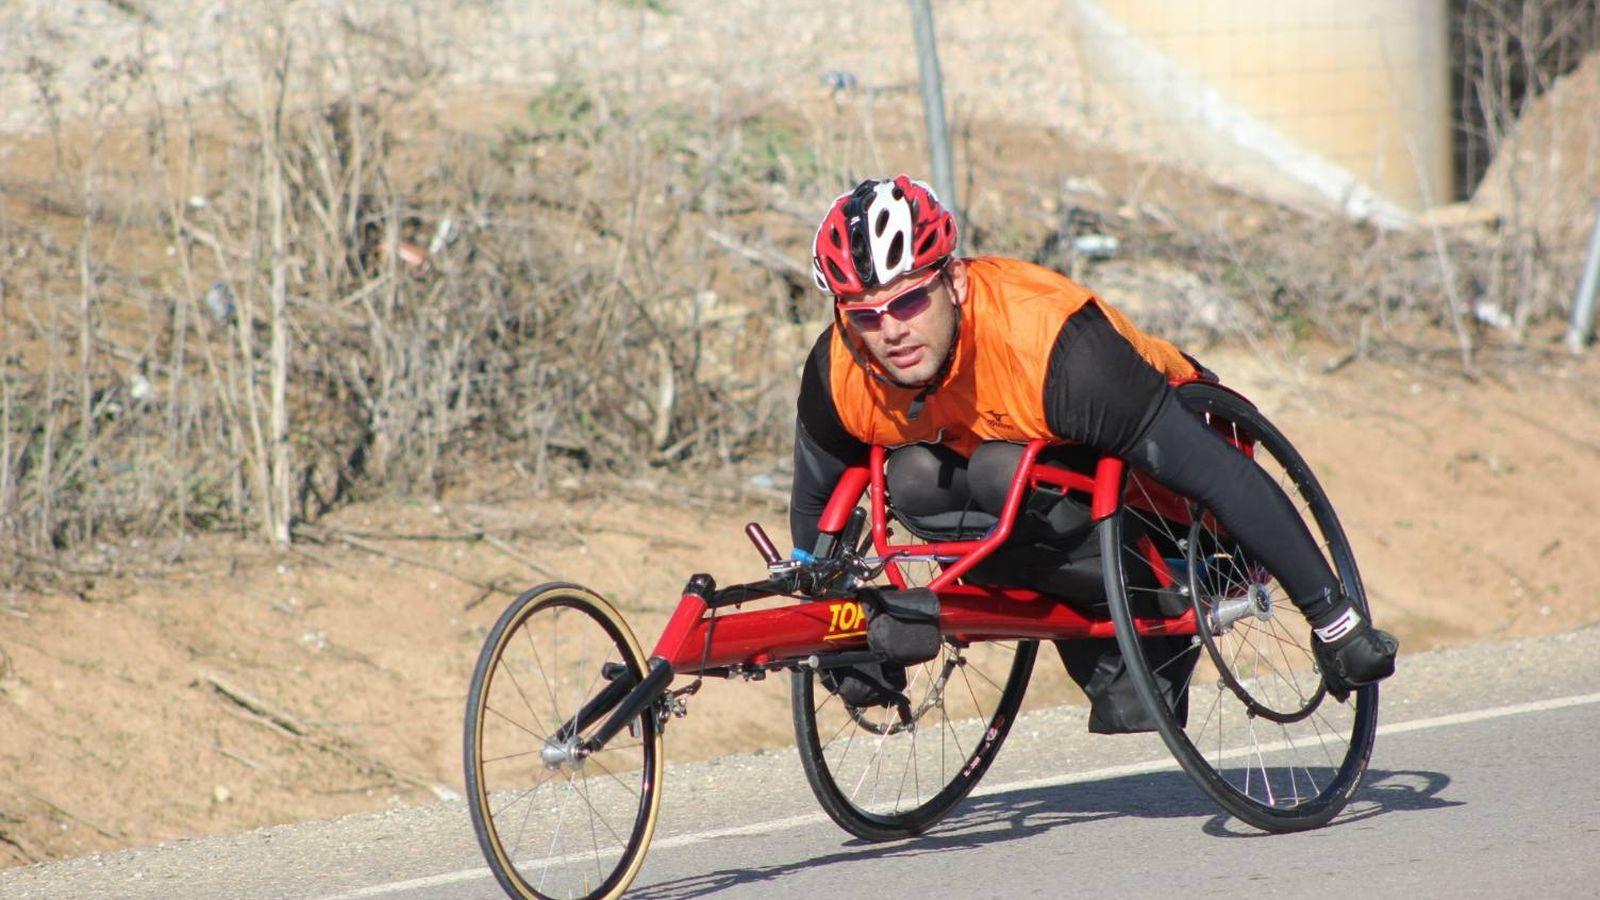 Foto: Cristóbal entrenando en su máquina (Foto: Samuel Ruiz).